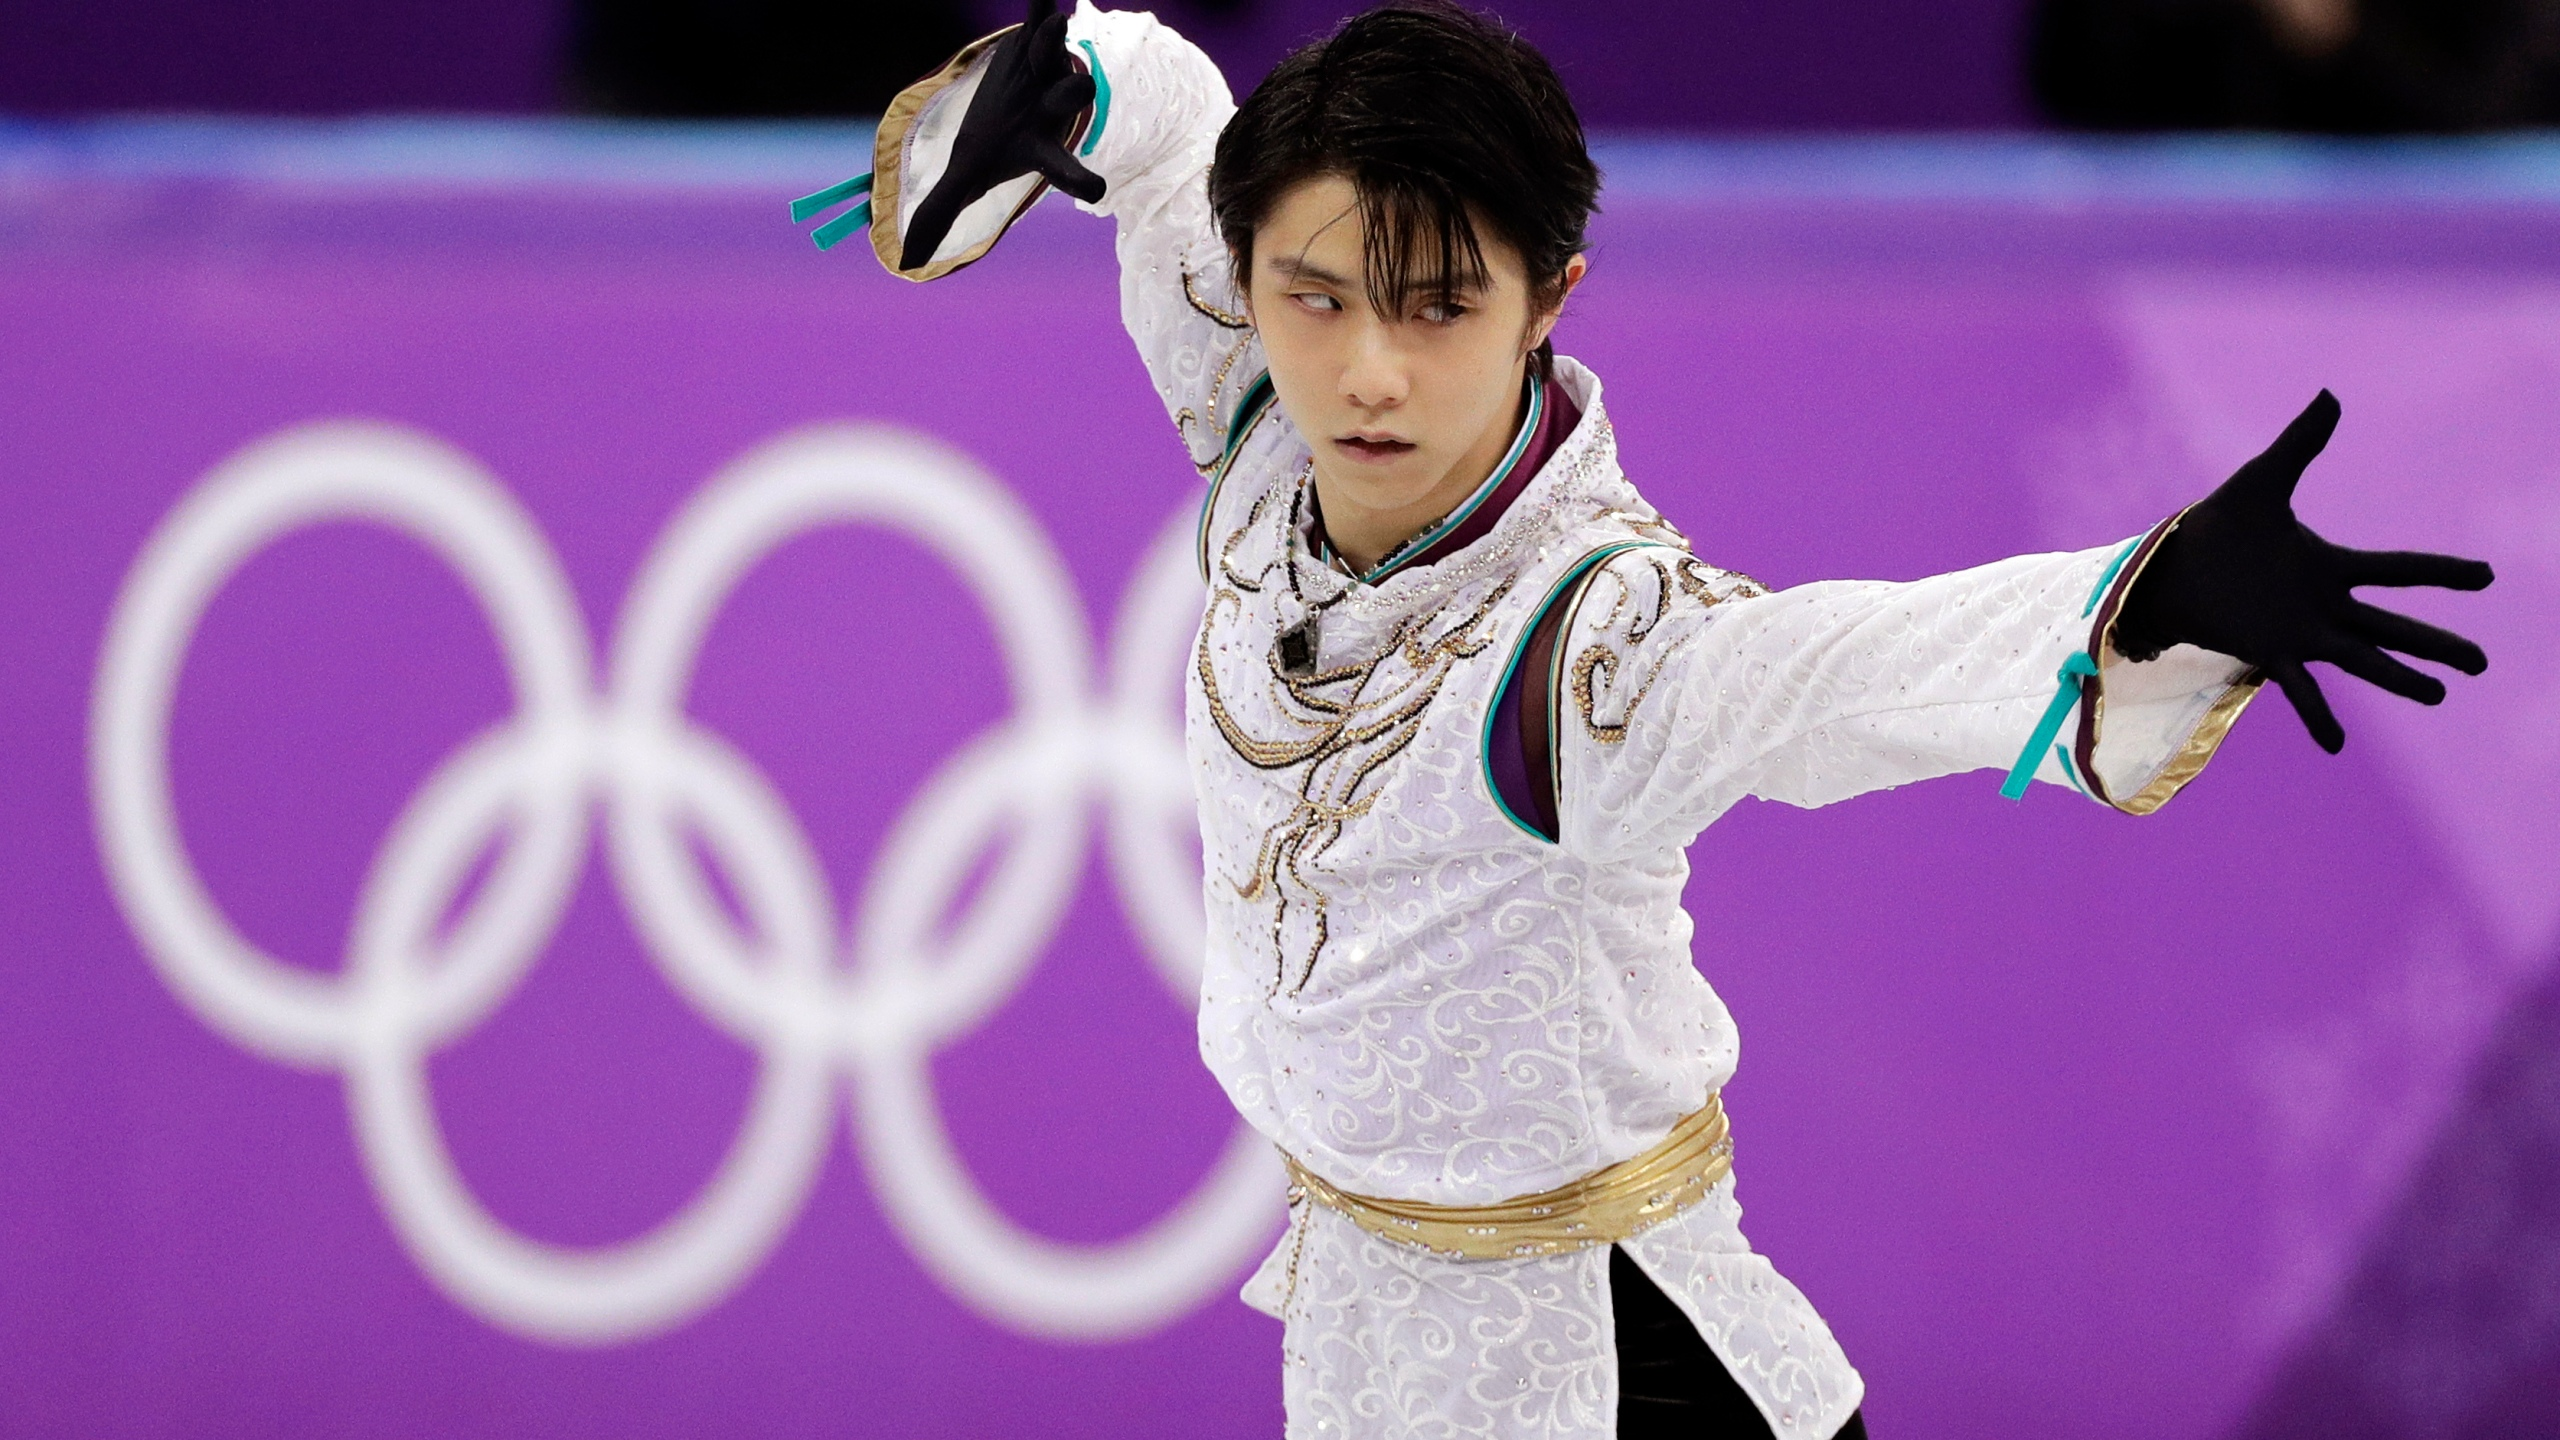 Yuzuru Hanyu